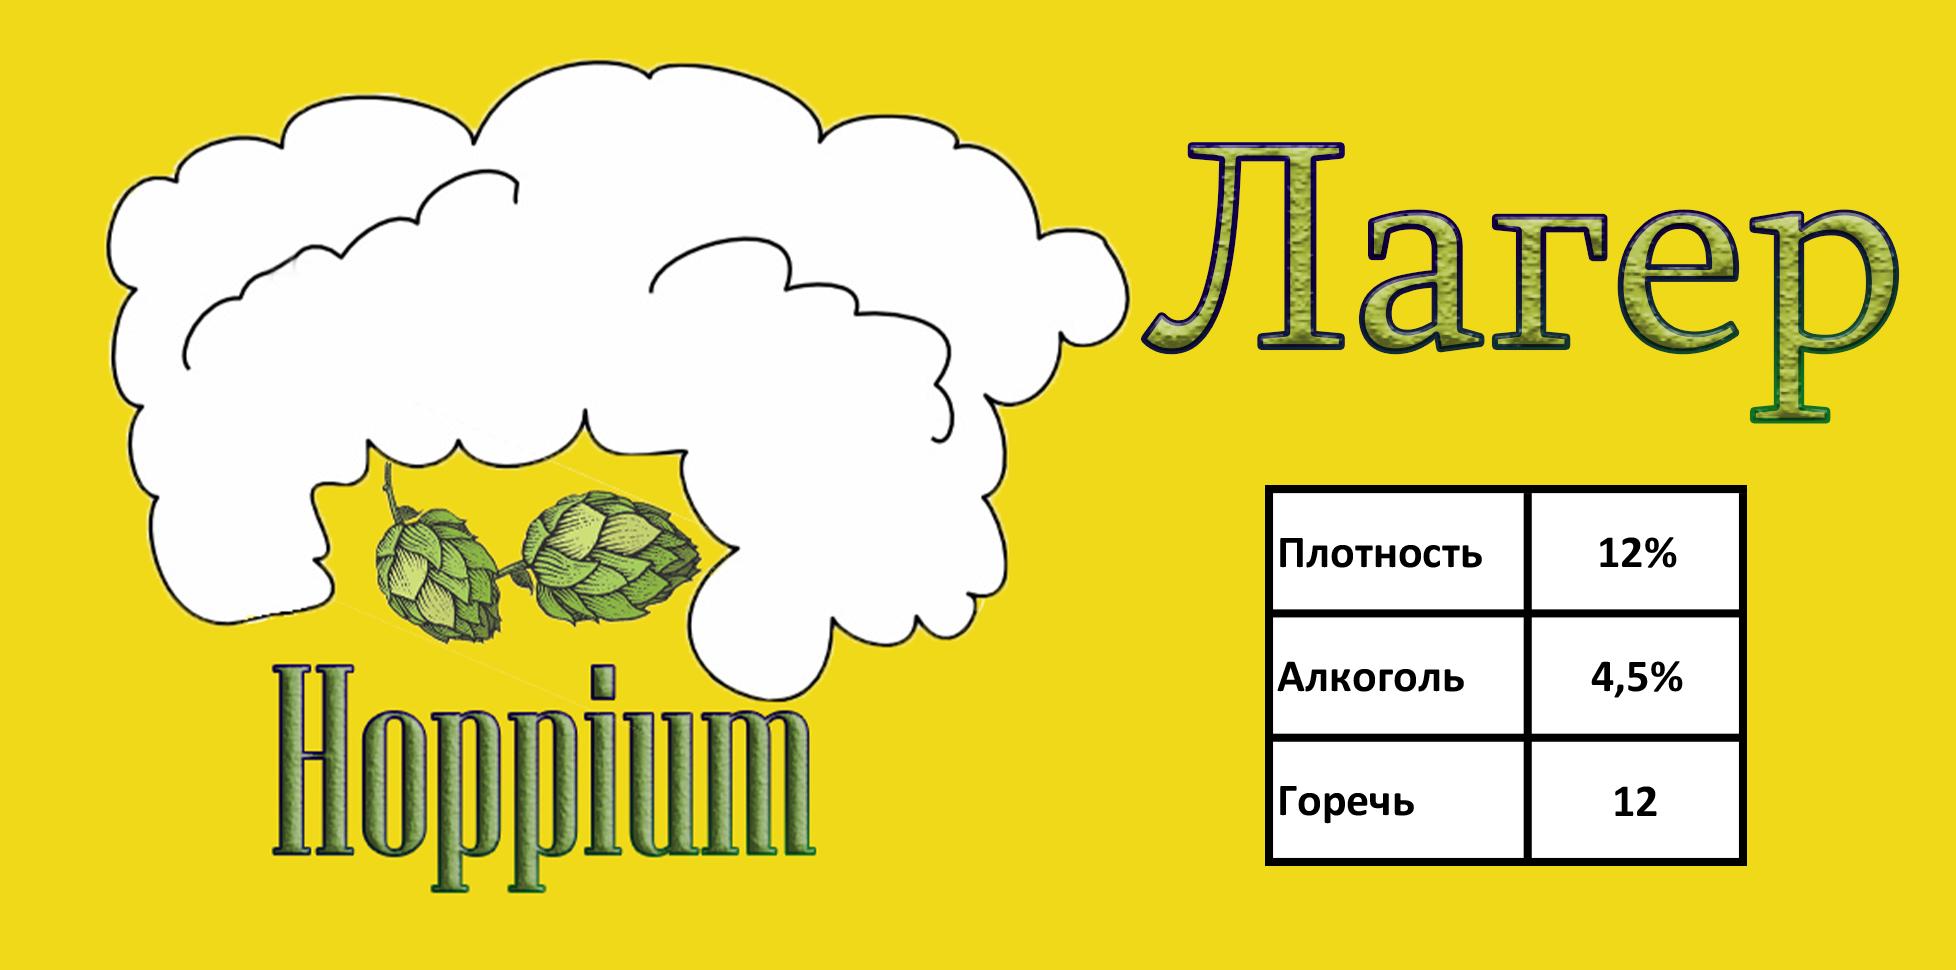 Логотип + Ценники для подмосковной крафтовой пивоварни фото f_3635dbd882aae3f1.png